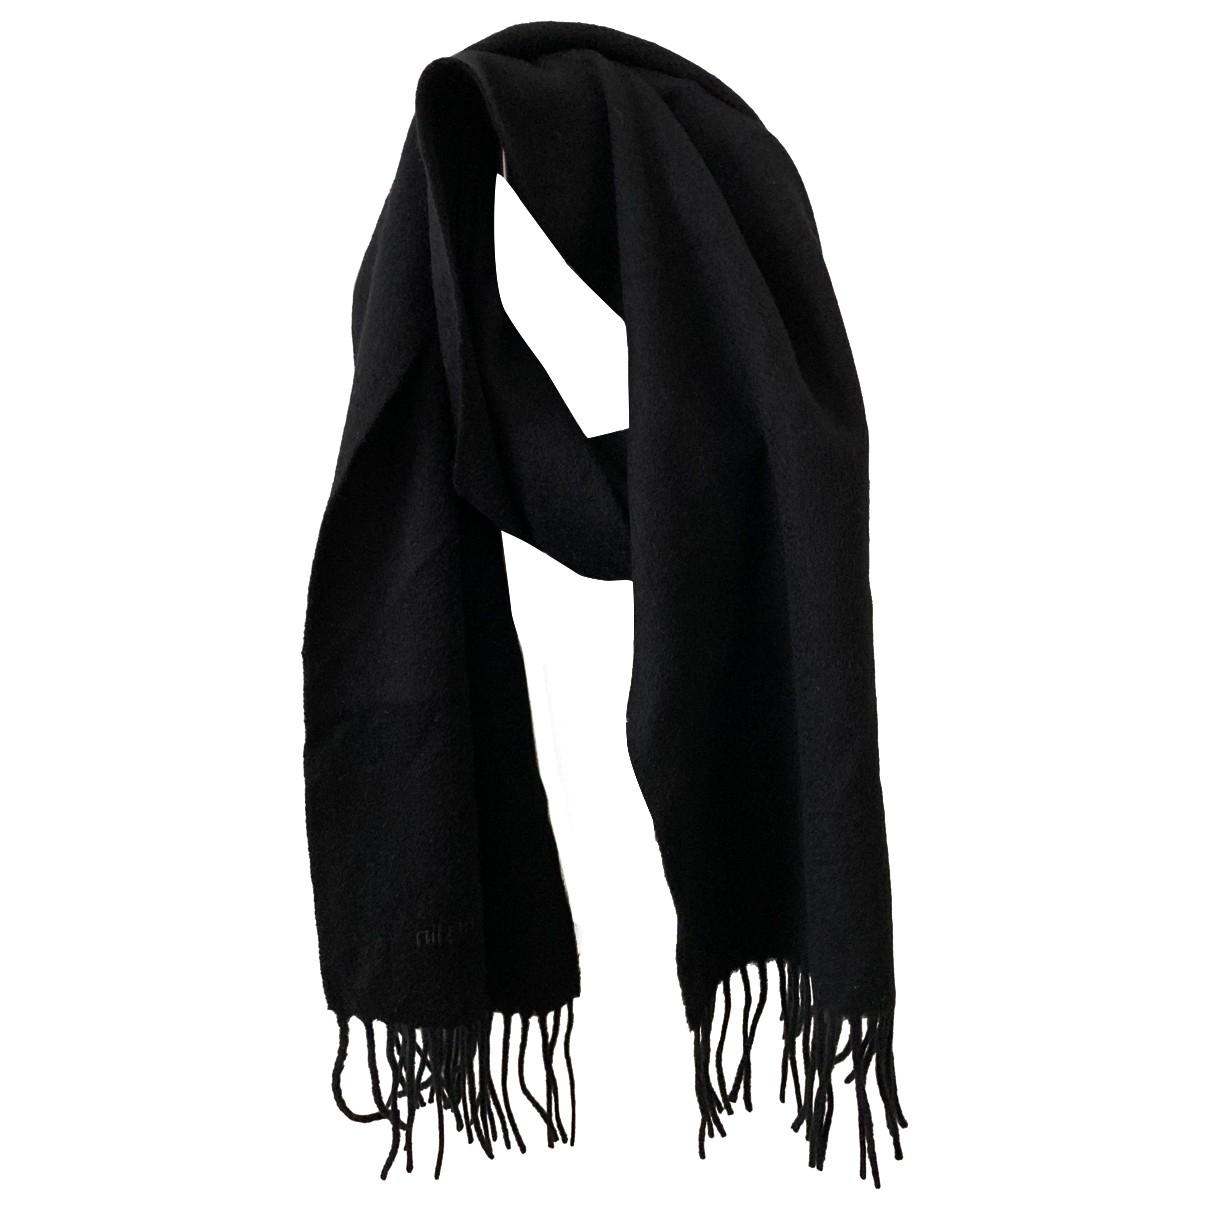 Pierre Cardin - Cheches.Echarpes   pour homme en laine - noir